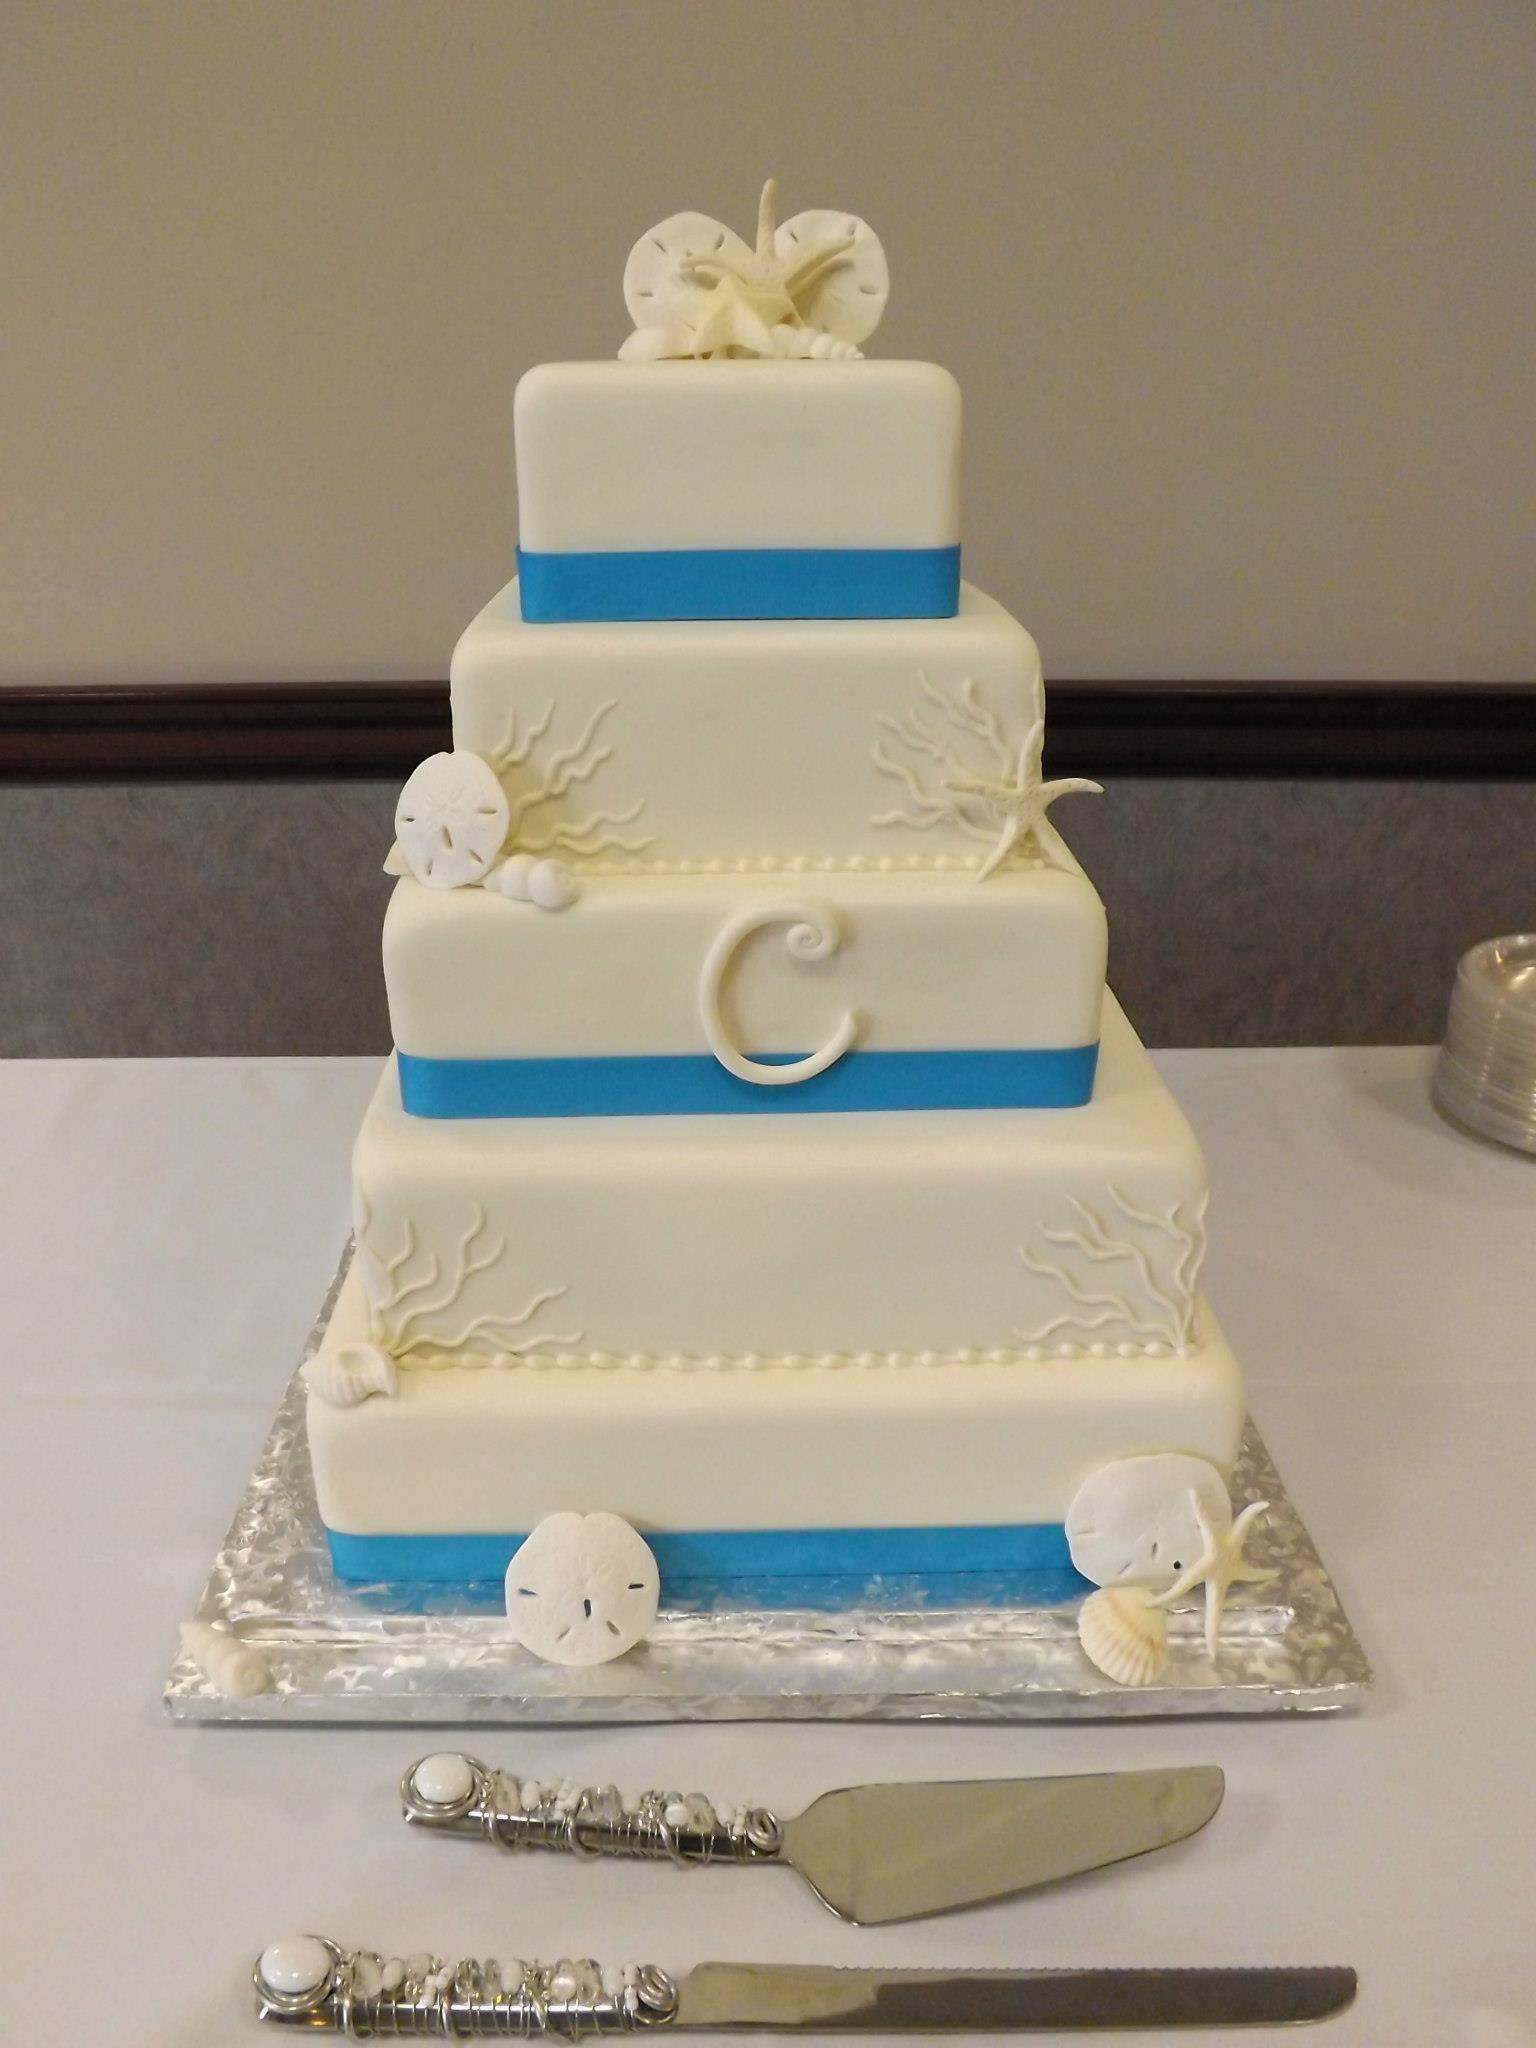 Seashell Themed Wedding Cake Wicked Wedding Cakes Pinterest - Wicked Wedding Cakes